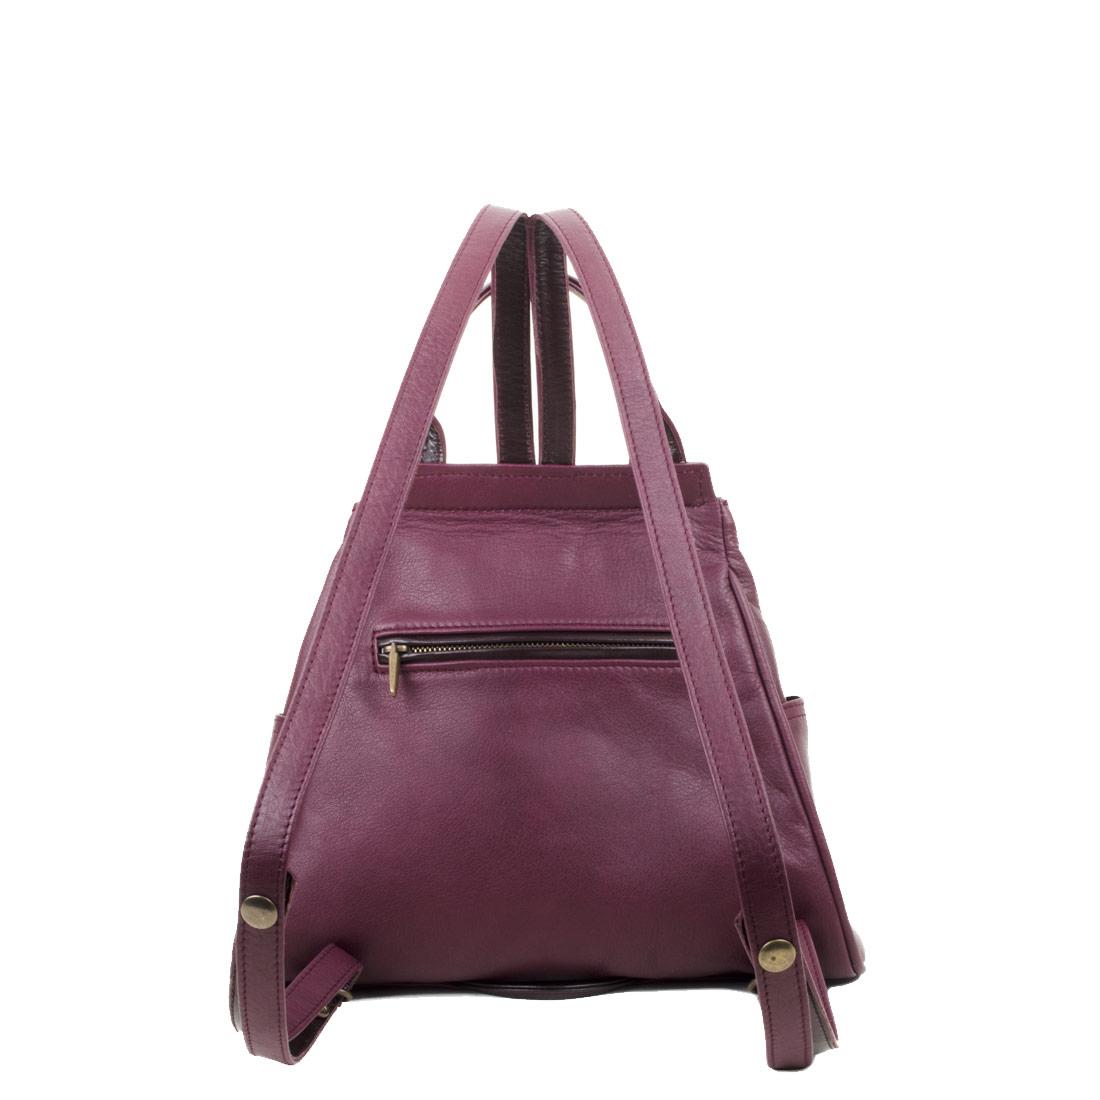 Daliya Plum Leather Backpack